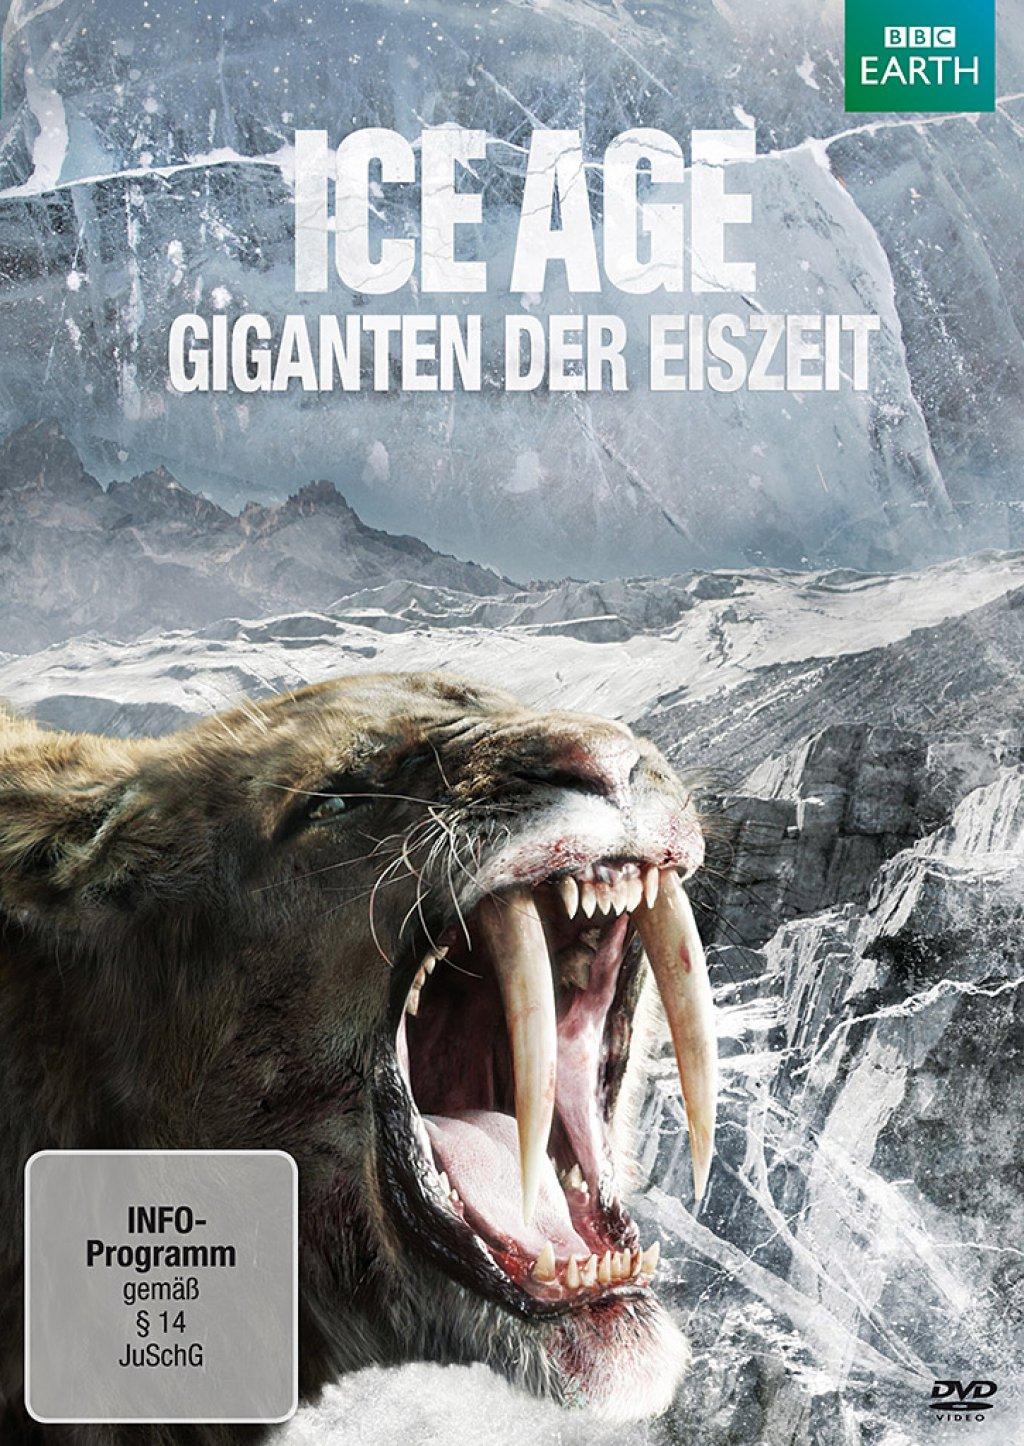 Ice Age - Giganten der Eiszeit (DVD)